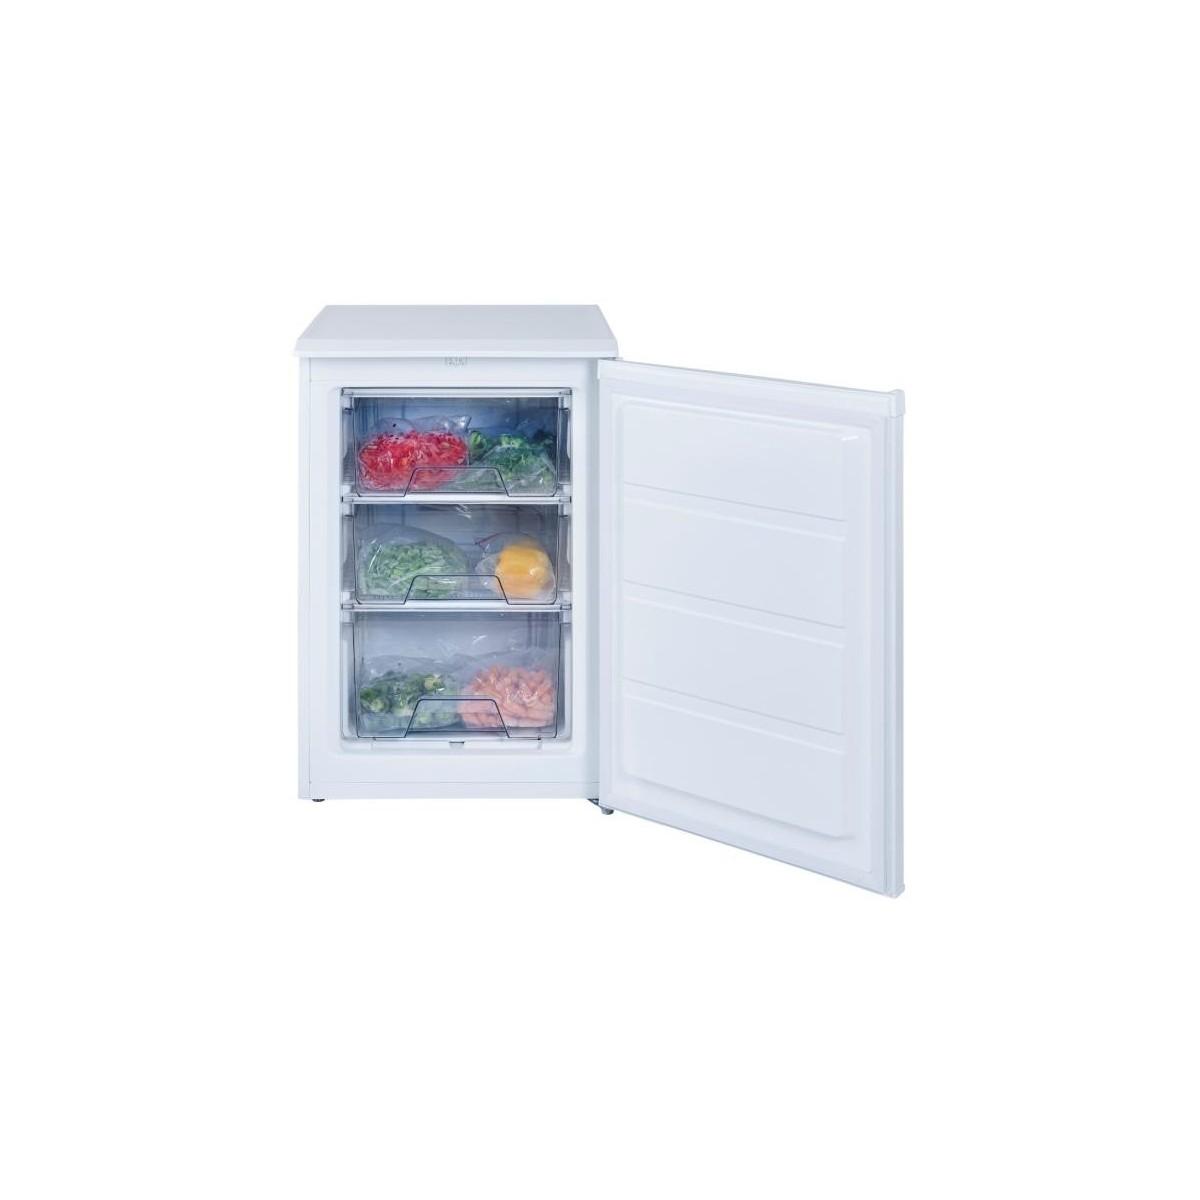 Congelador Teka TG1 80 clase A+ 0,85m